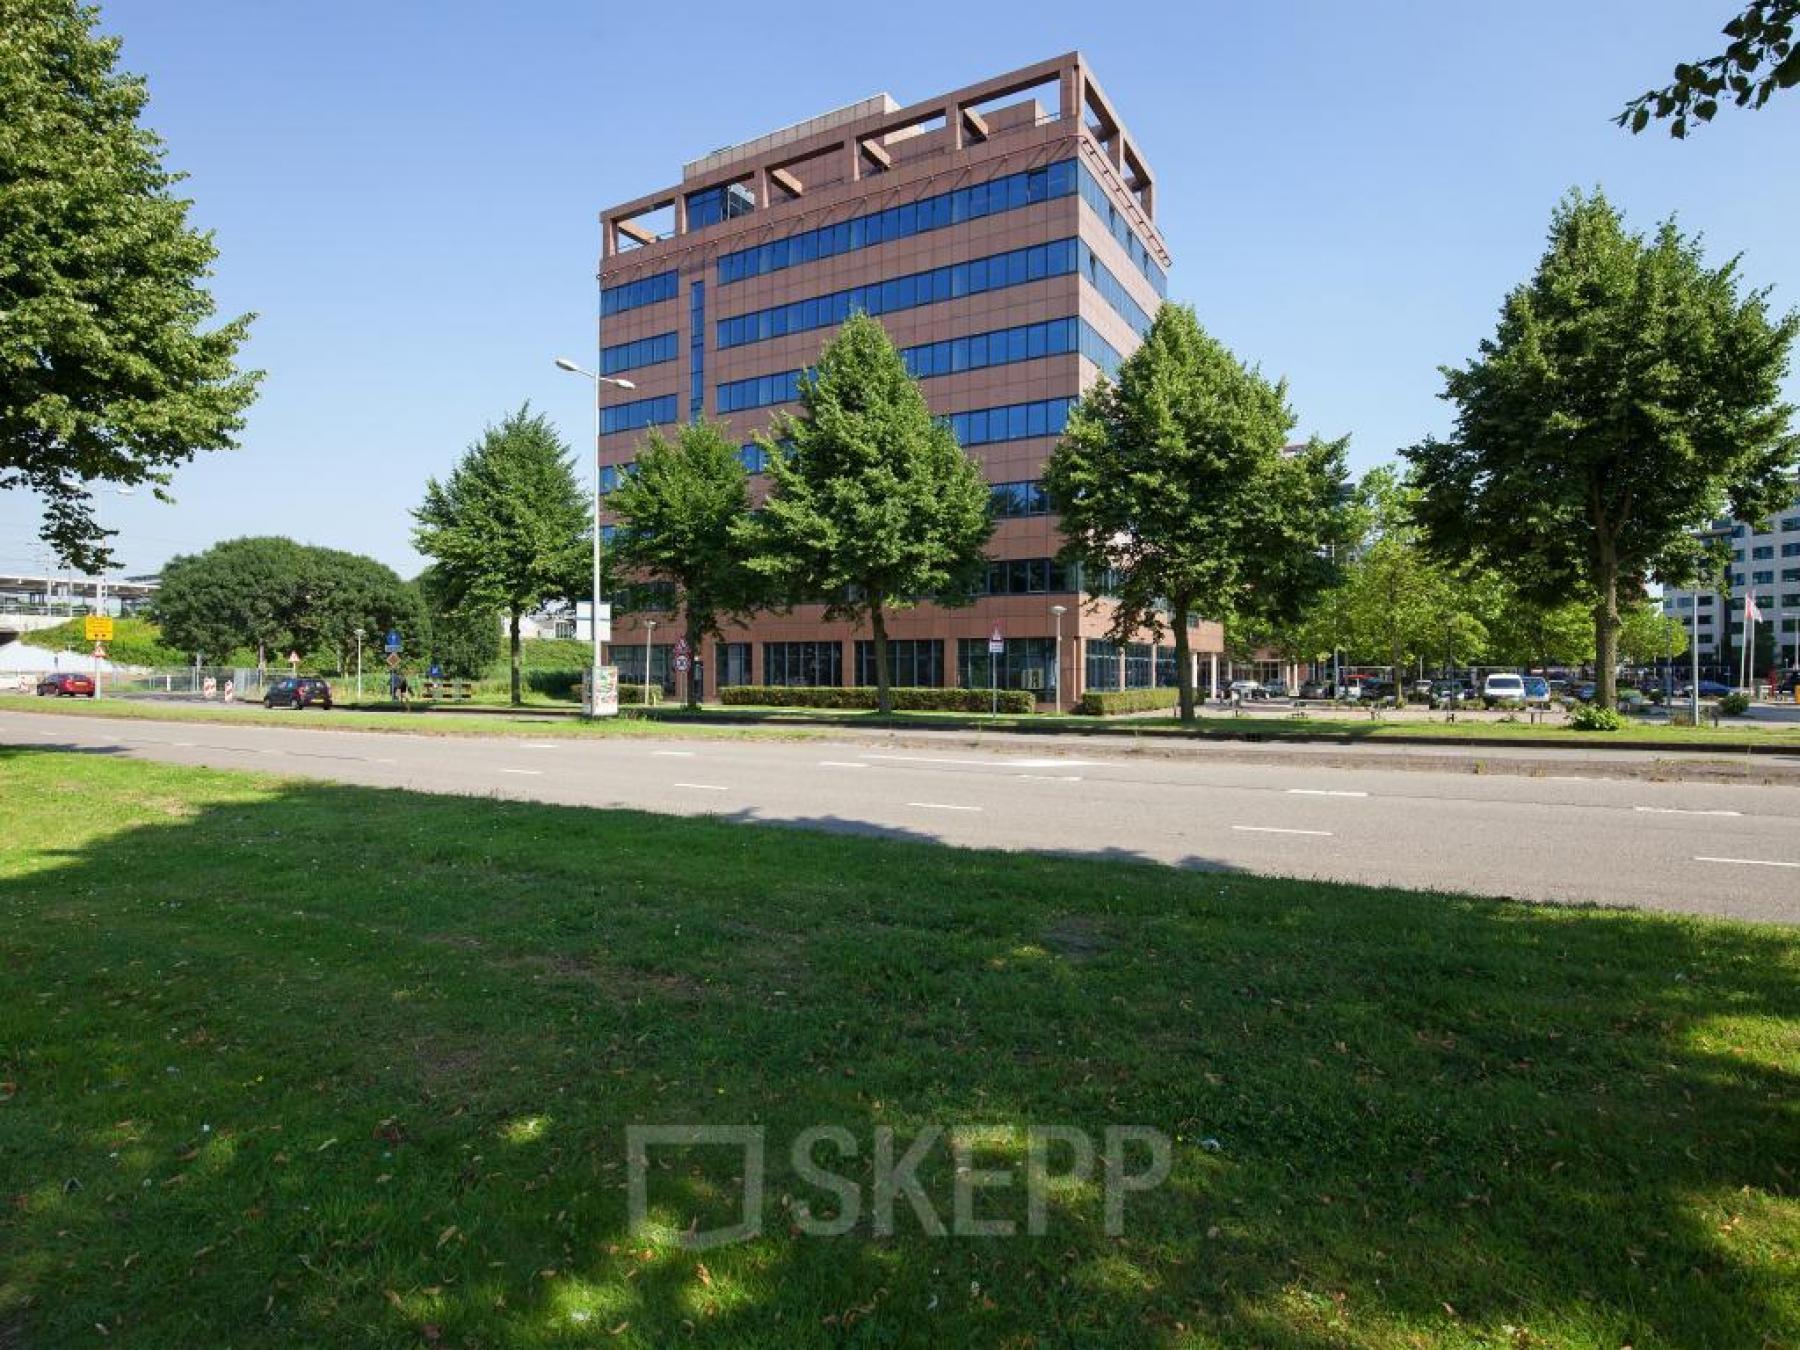 kantoorpand karspeldreef amsterdam zuidoost buitenzijde pand